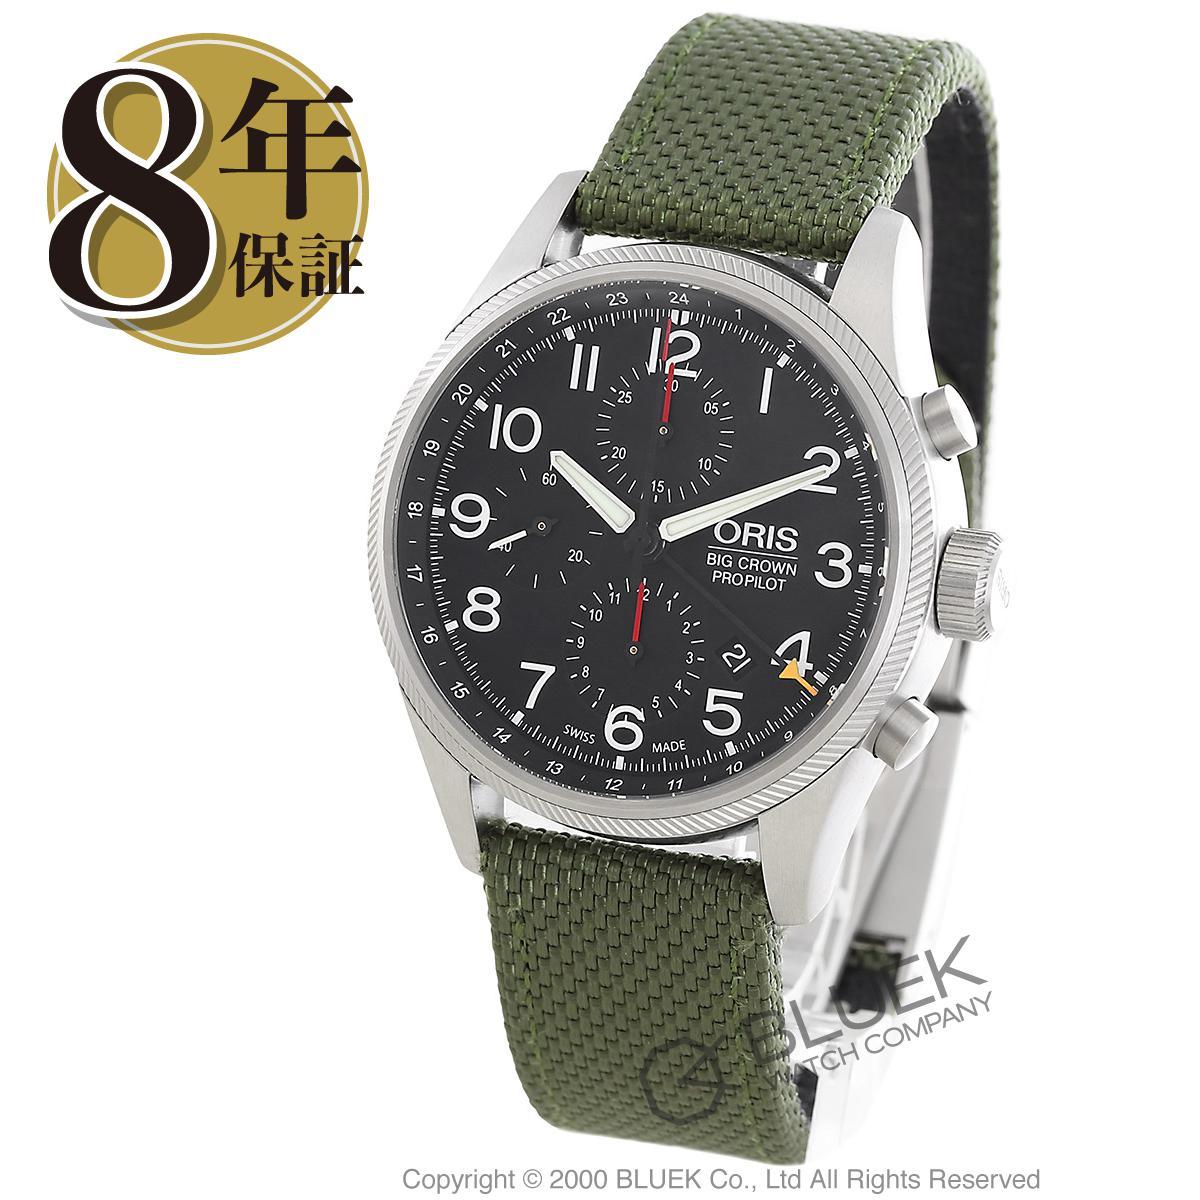 3d8dc9d0d527 オリスビッグクラウンプロパイロットクロノグラフGMT腕時計メンズORIS67776994164DOL セリーヌ 爆売り